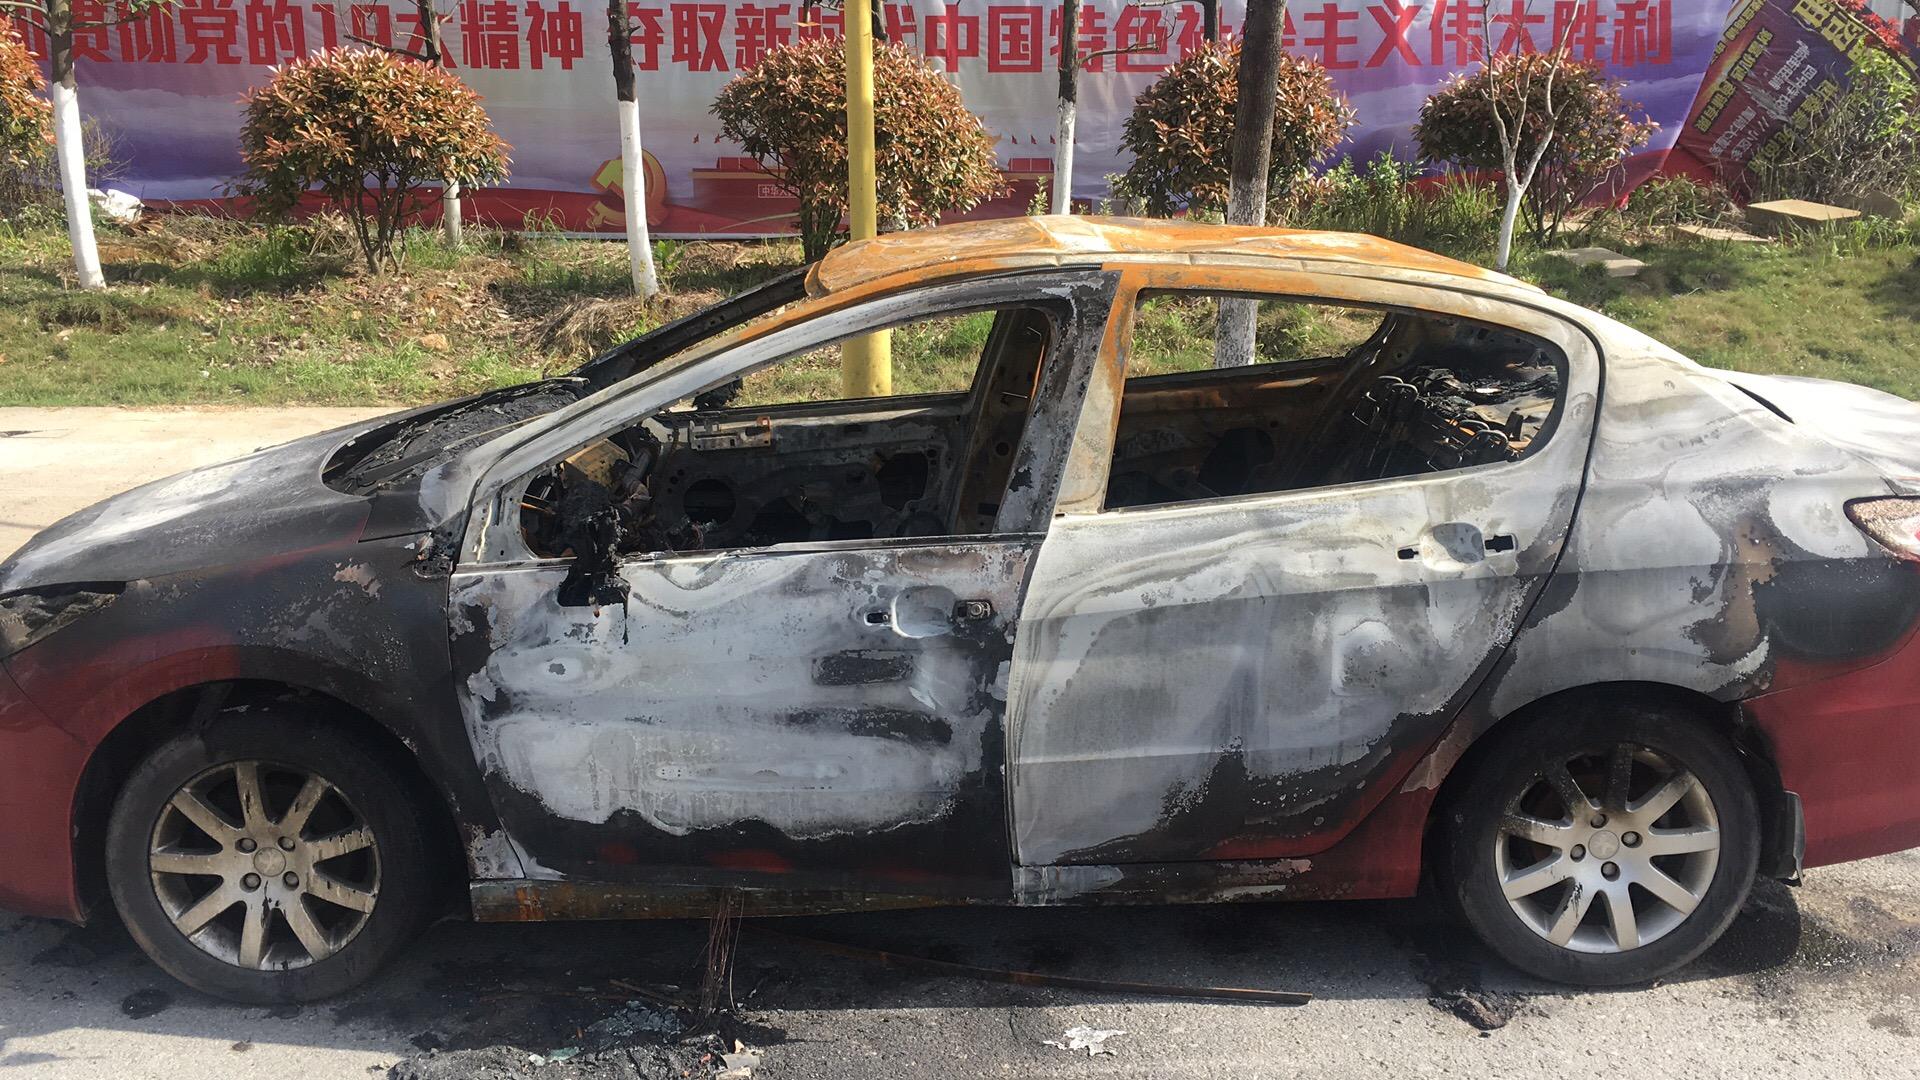 东风标致-标致308 空调按钮故障短路,导致车辆自燃